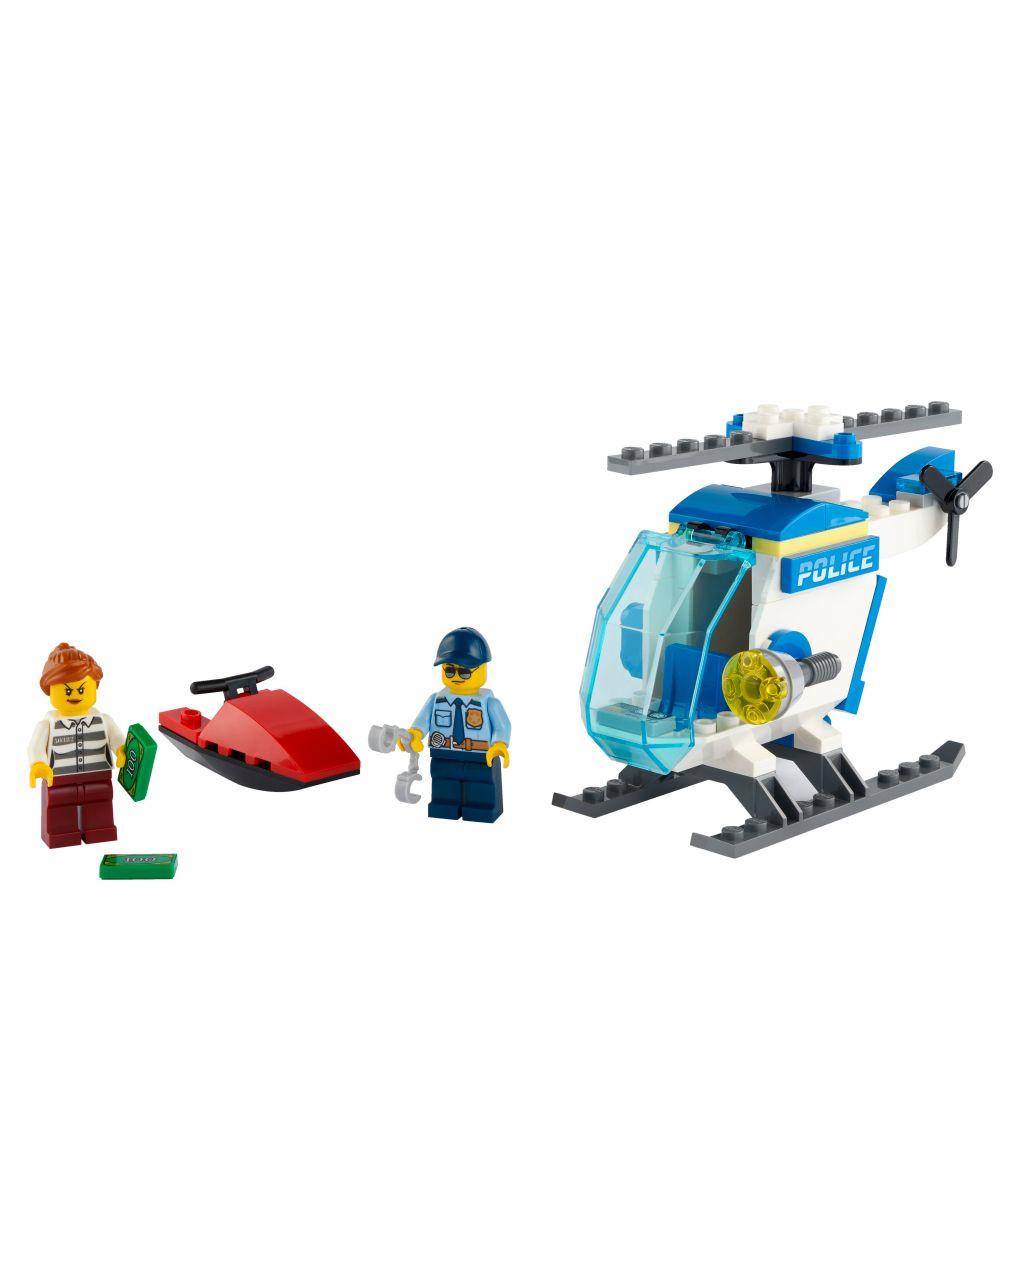 Lego city police - elicottero della polizia - 60275 - LEGO